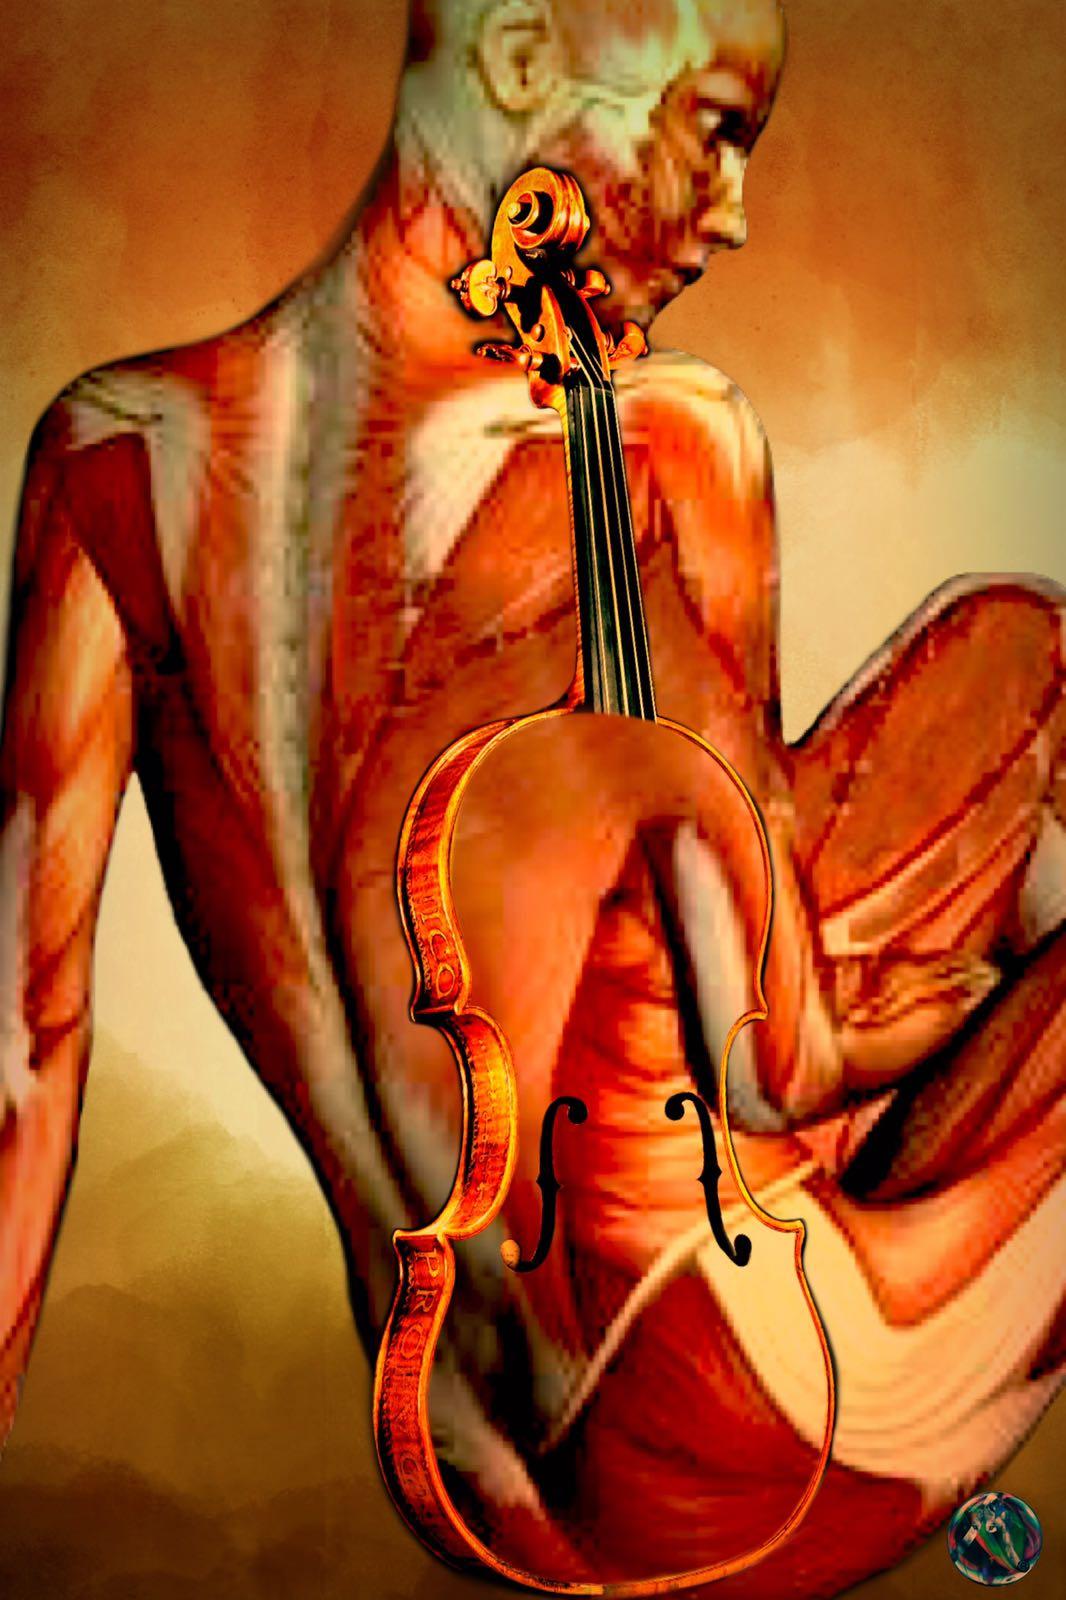 Pijn bij vioolspelen... herstel je spelconditie